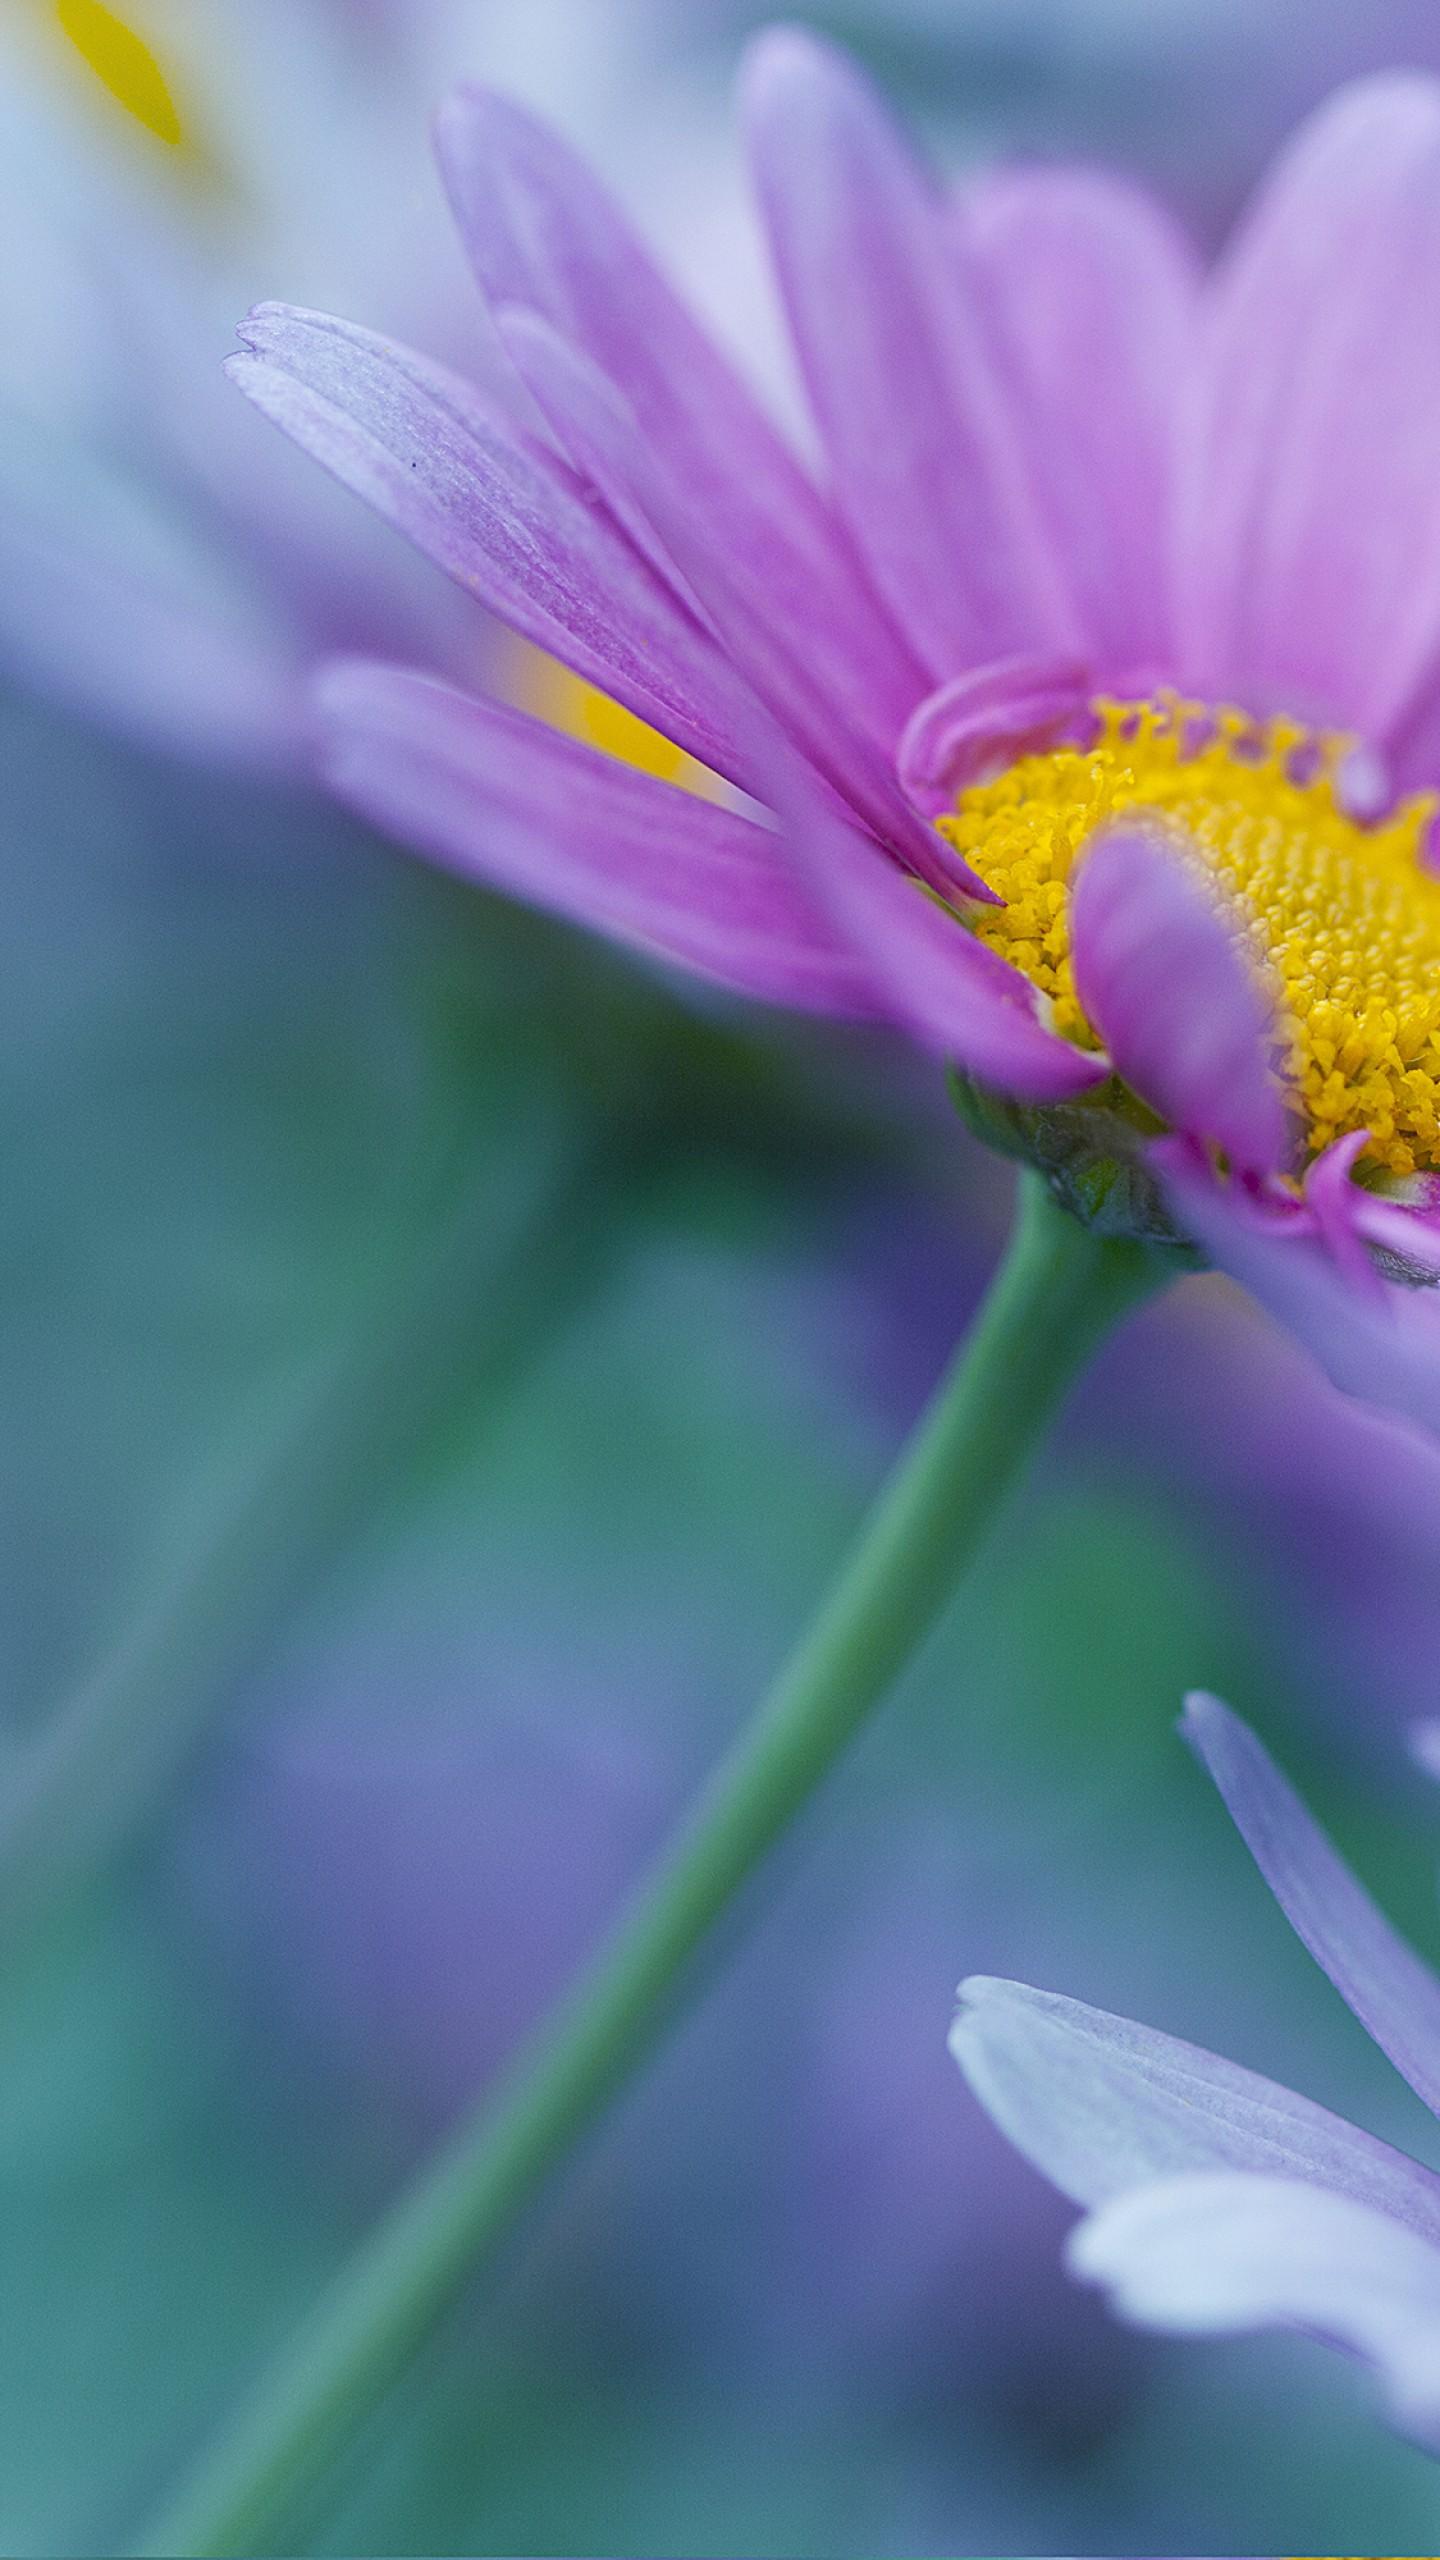 عکس زمینه گل های بنفش بهاری پس زمینه